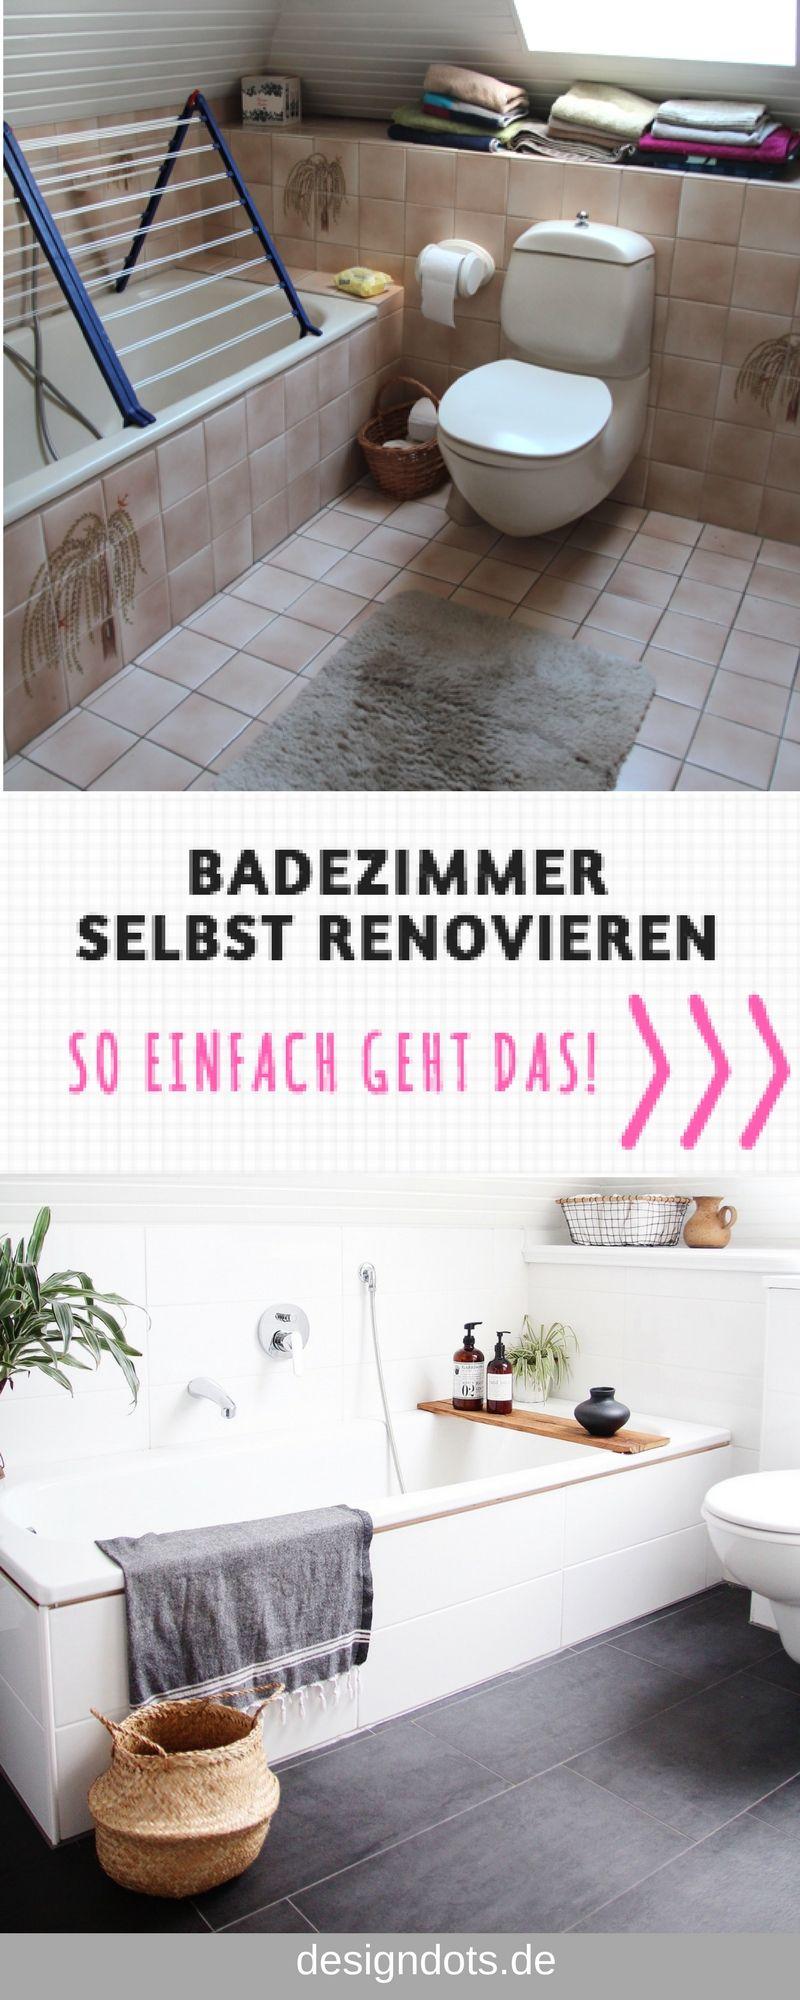 Shop My Home Badezimmer Renovieren Bad Renovieren Kosten Renovieren